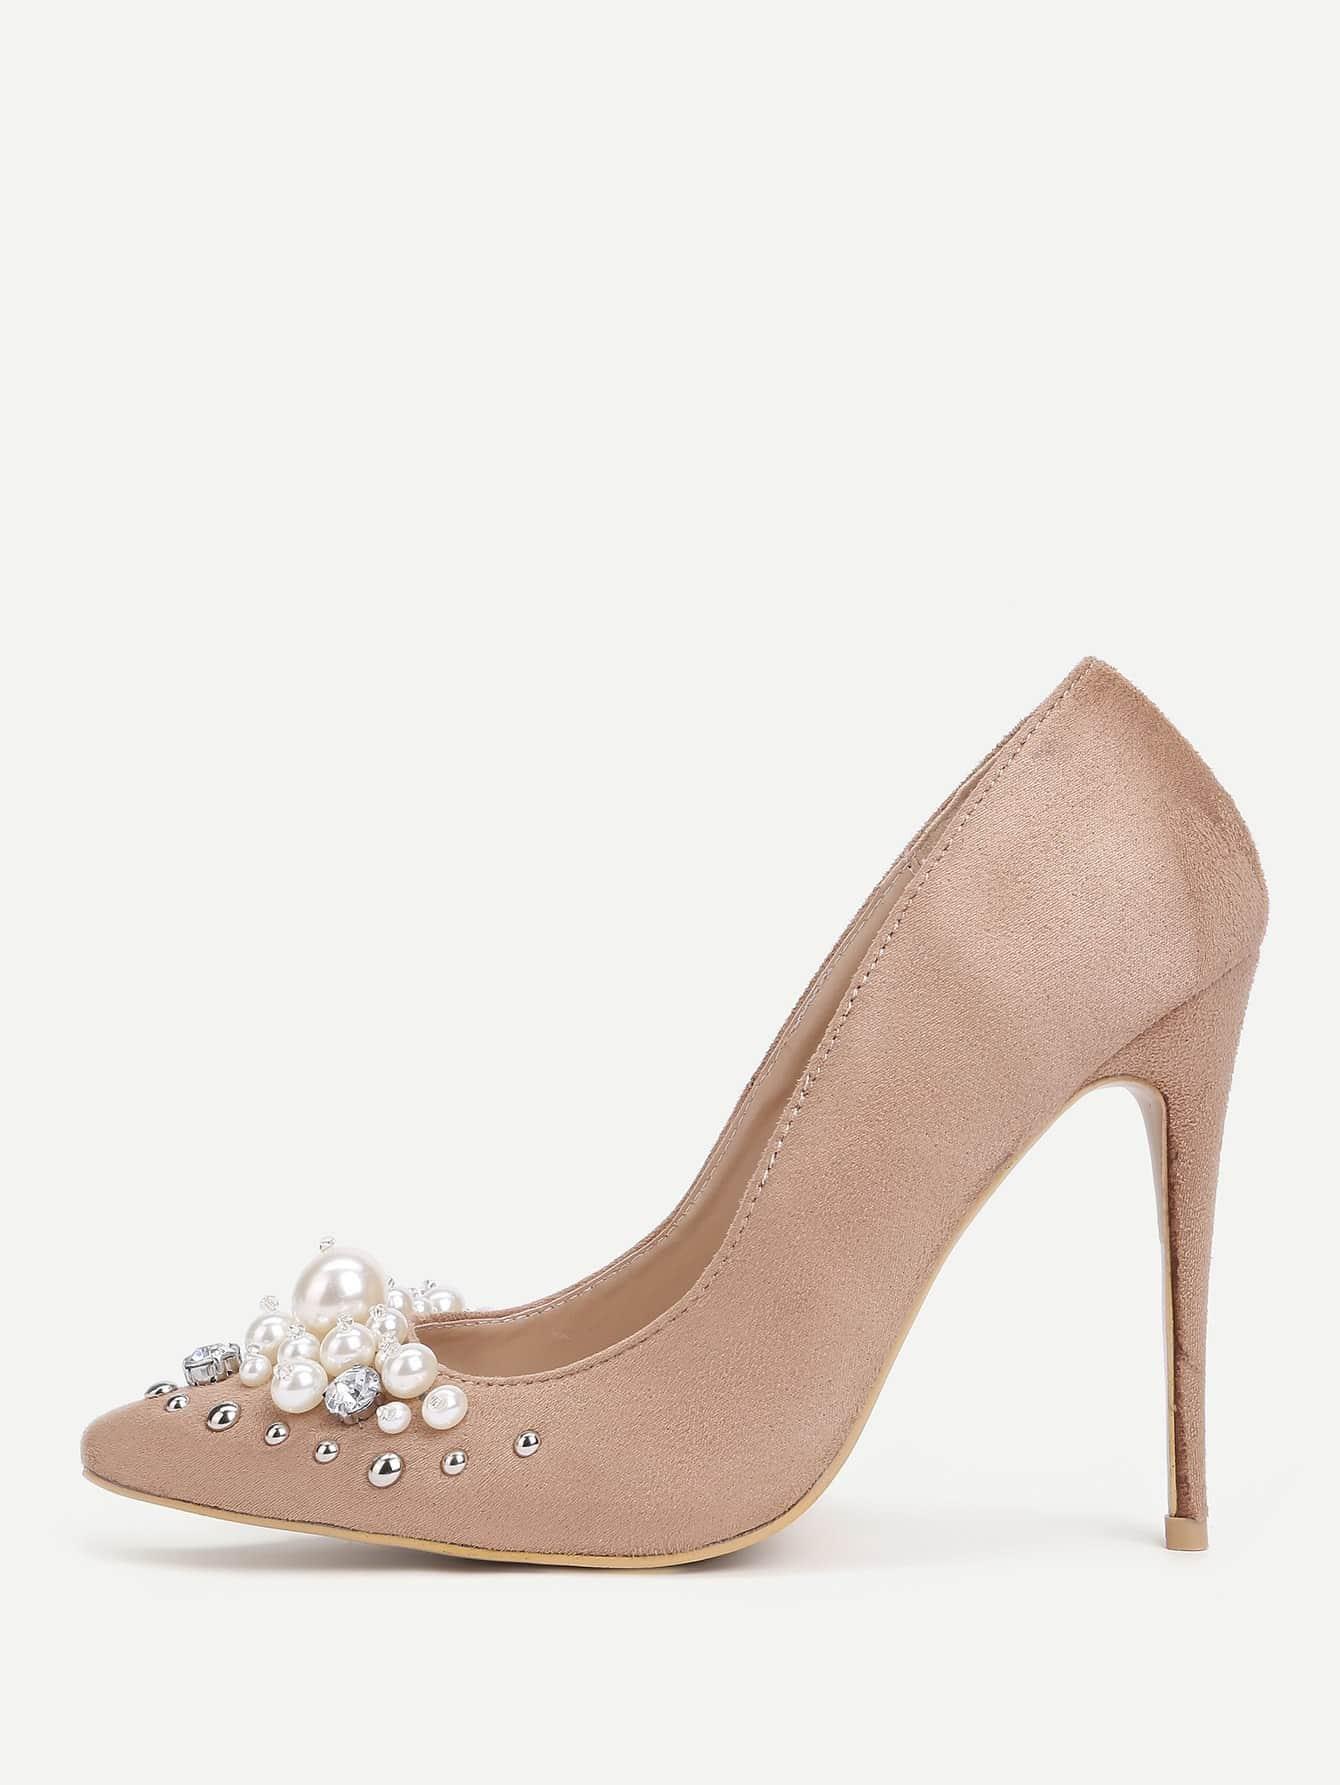 Купить Модные туфли на каблуках с бусинами, null, SheIn